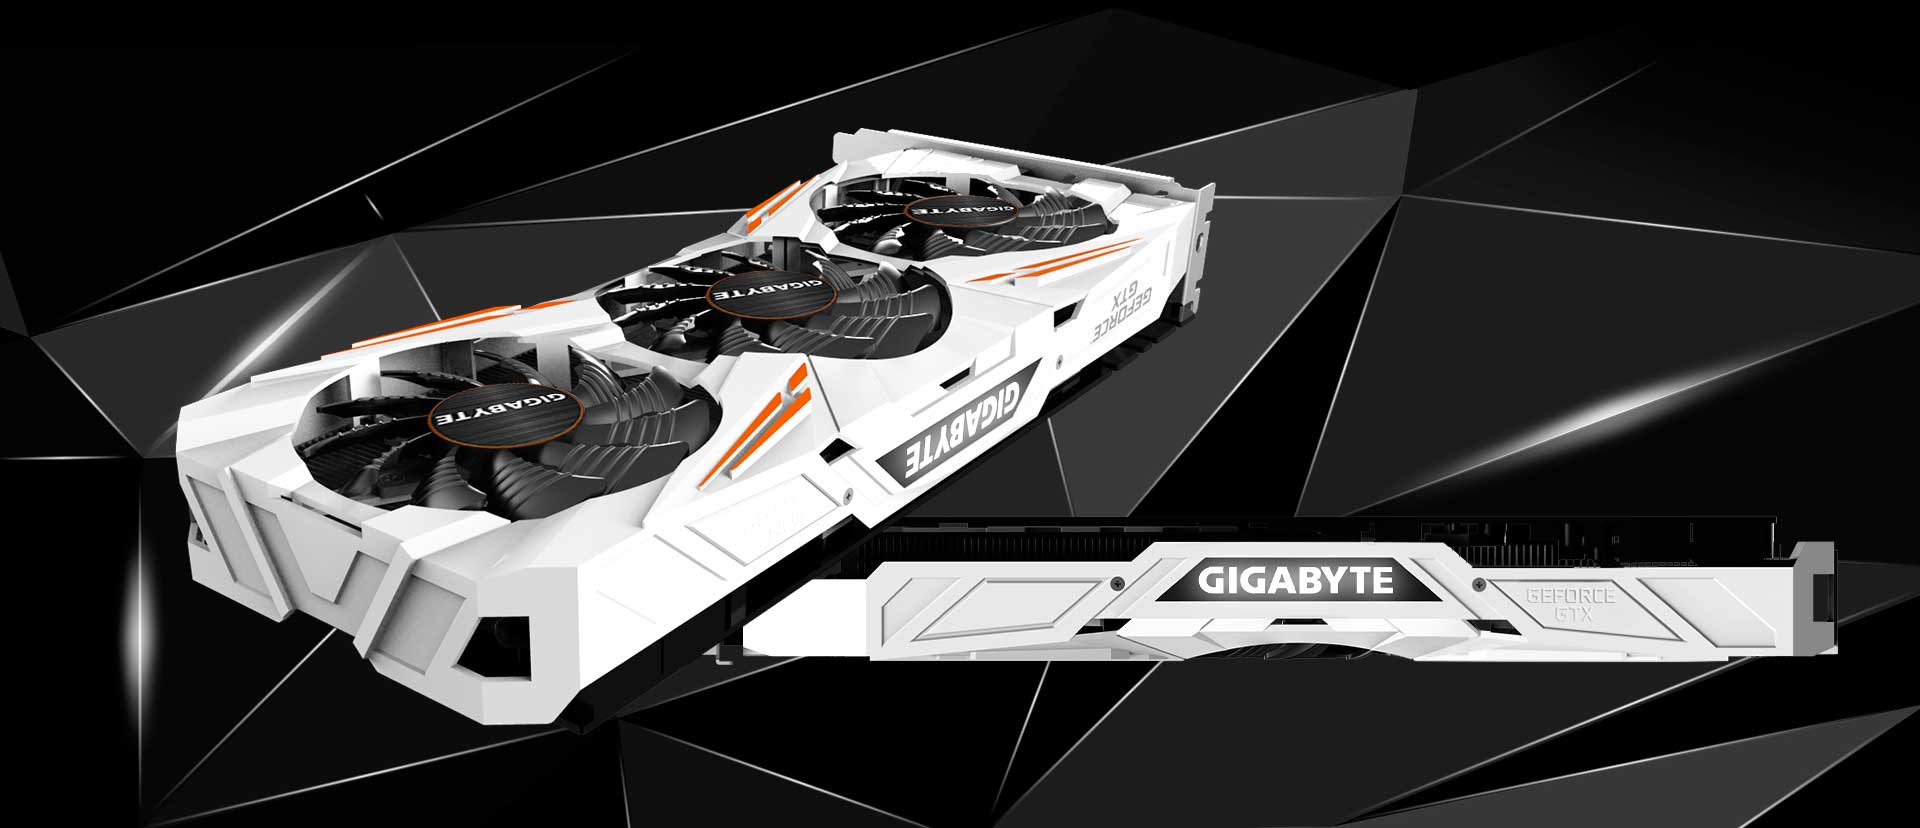 gigabite 1070 how to change led